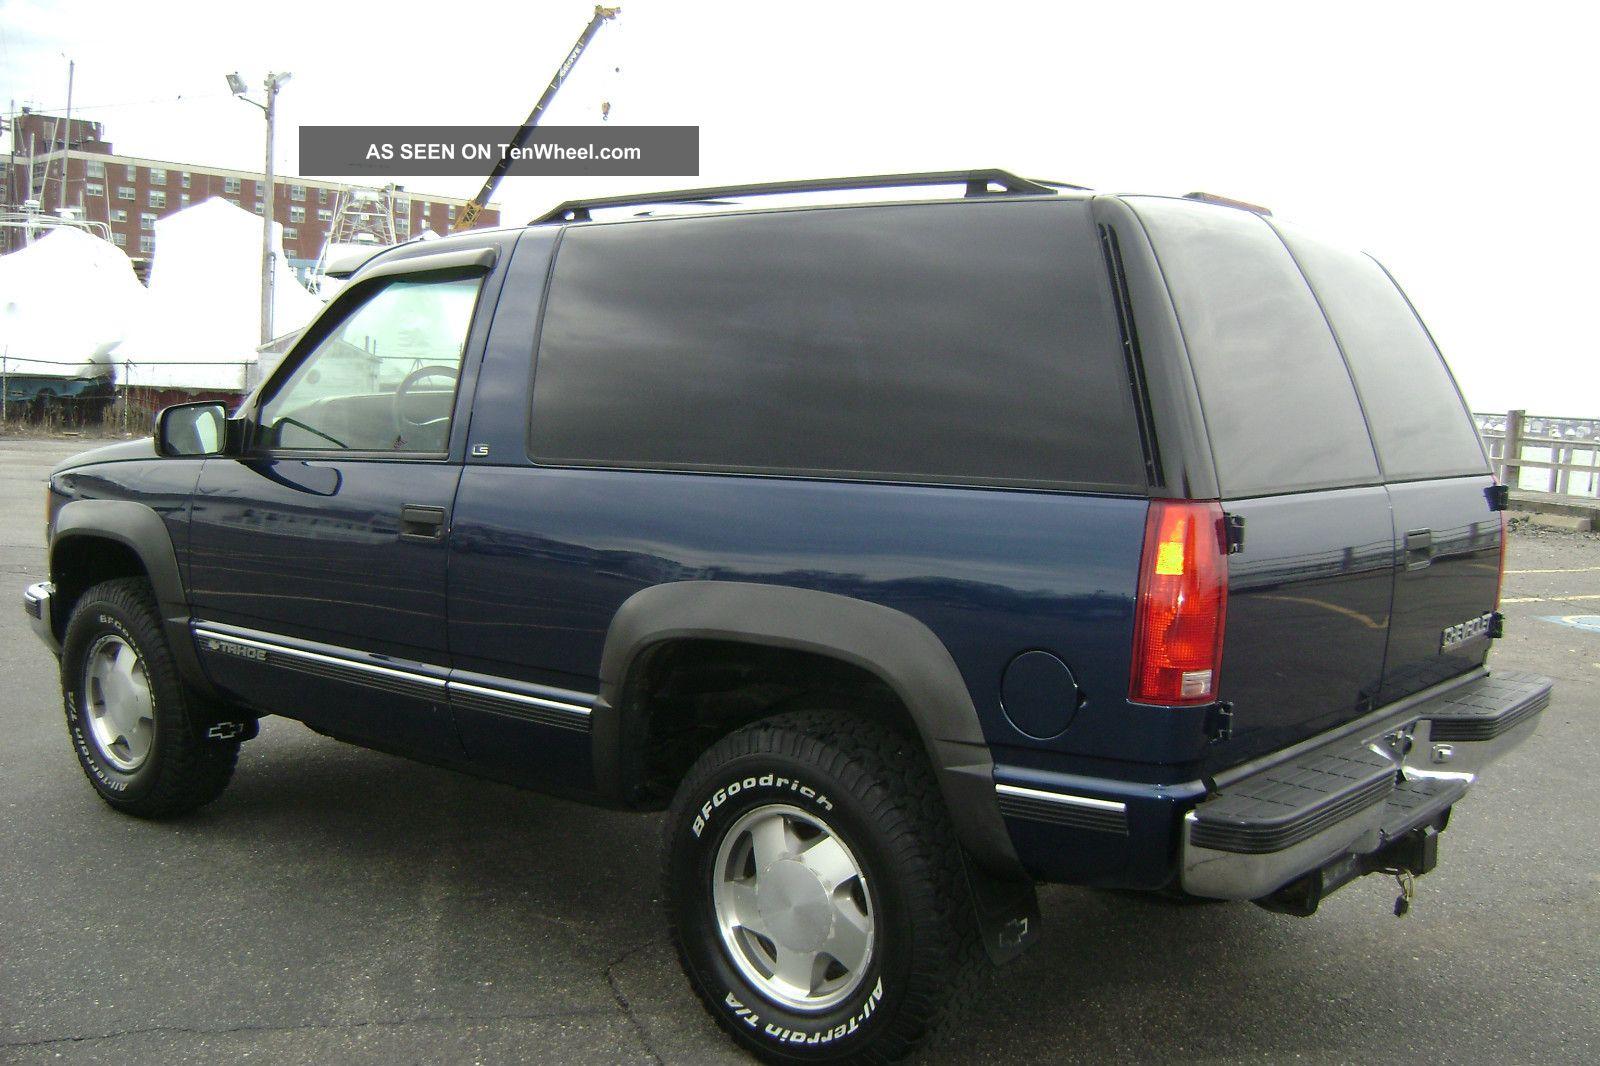 1999 Chevy Chevrolet Tahoe Ls 2 Door V8 Auto 4x4